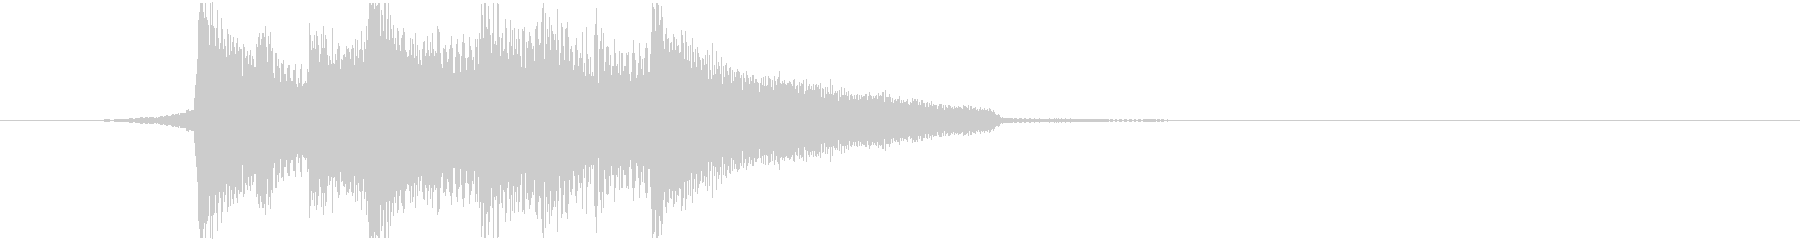 ウクレレとアコギの温かみのあるジングルの未再生の波形